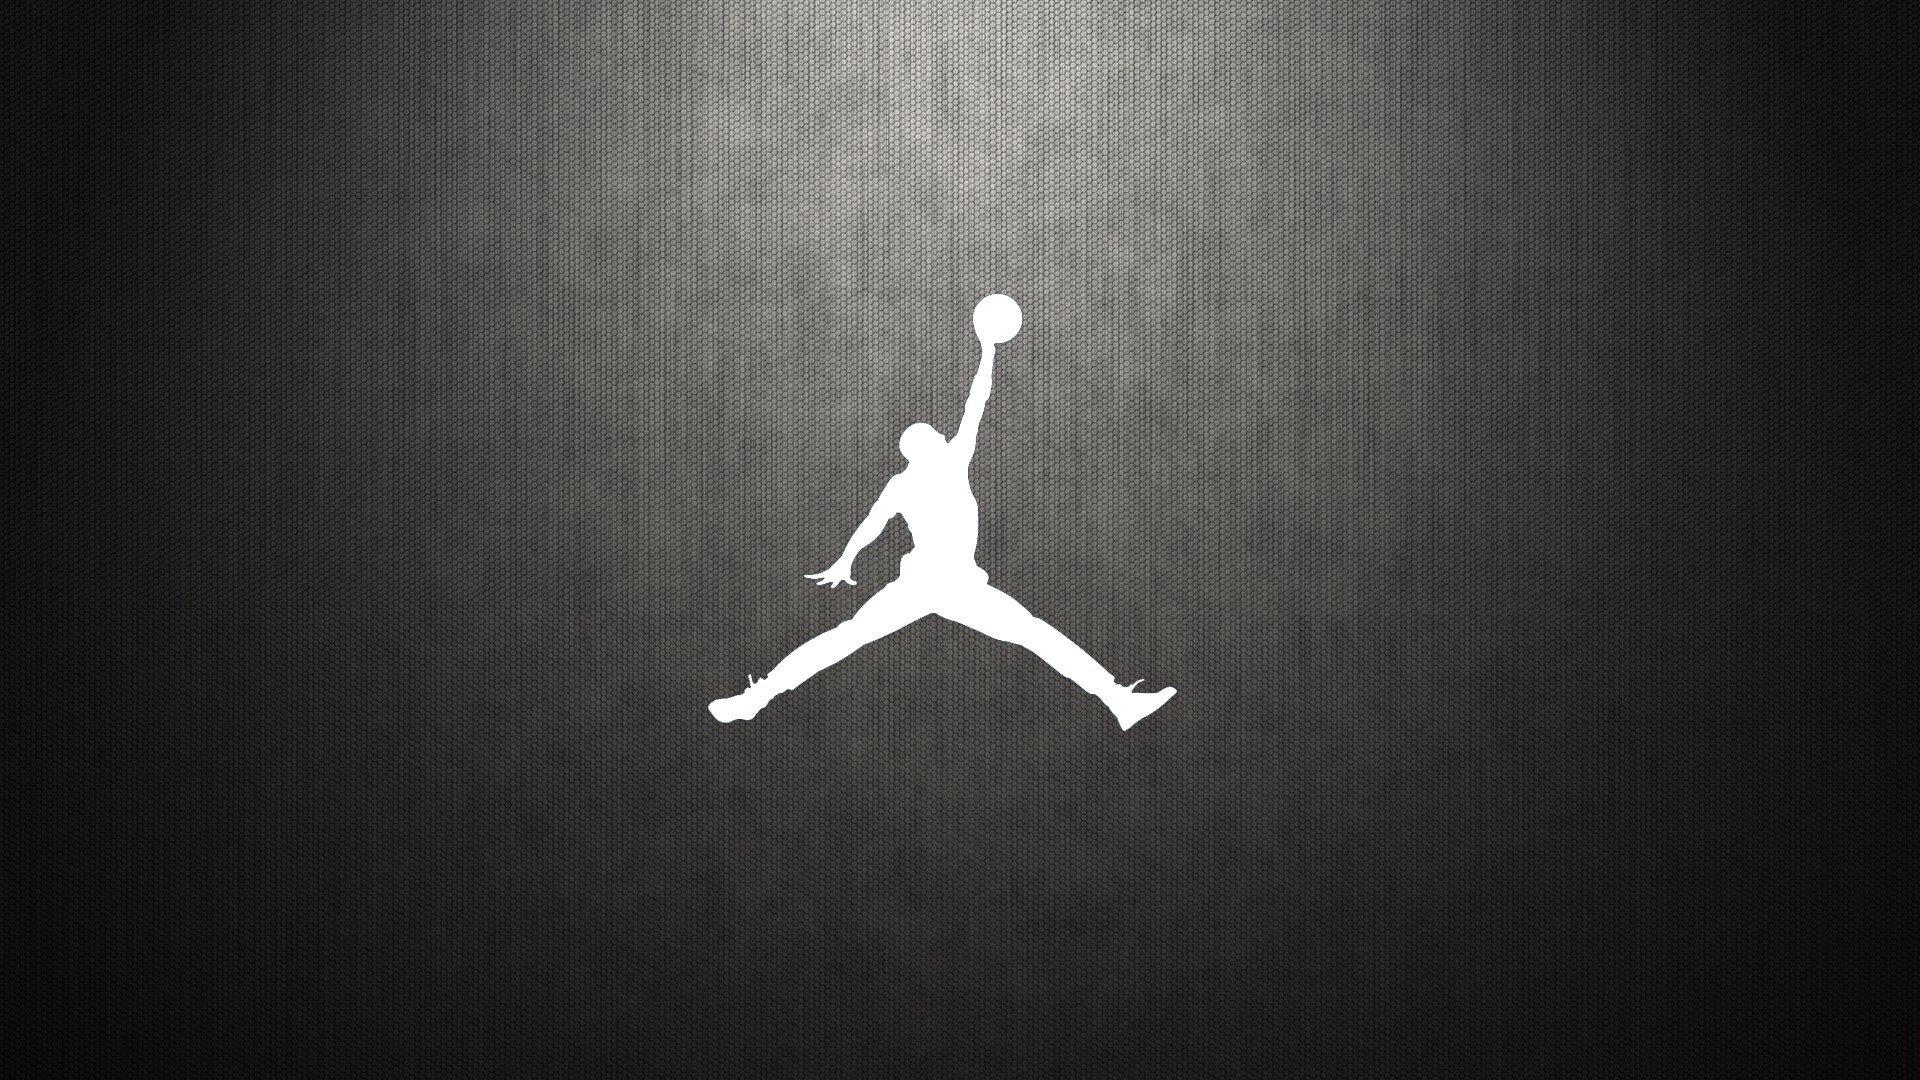 michael-jordan-logo-wallpaper - wallpaper.wiki